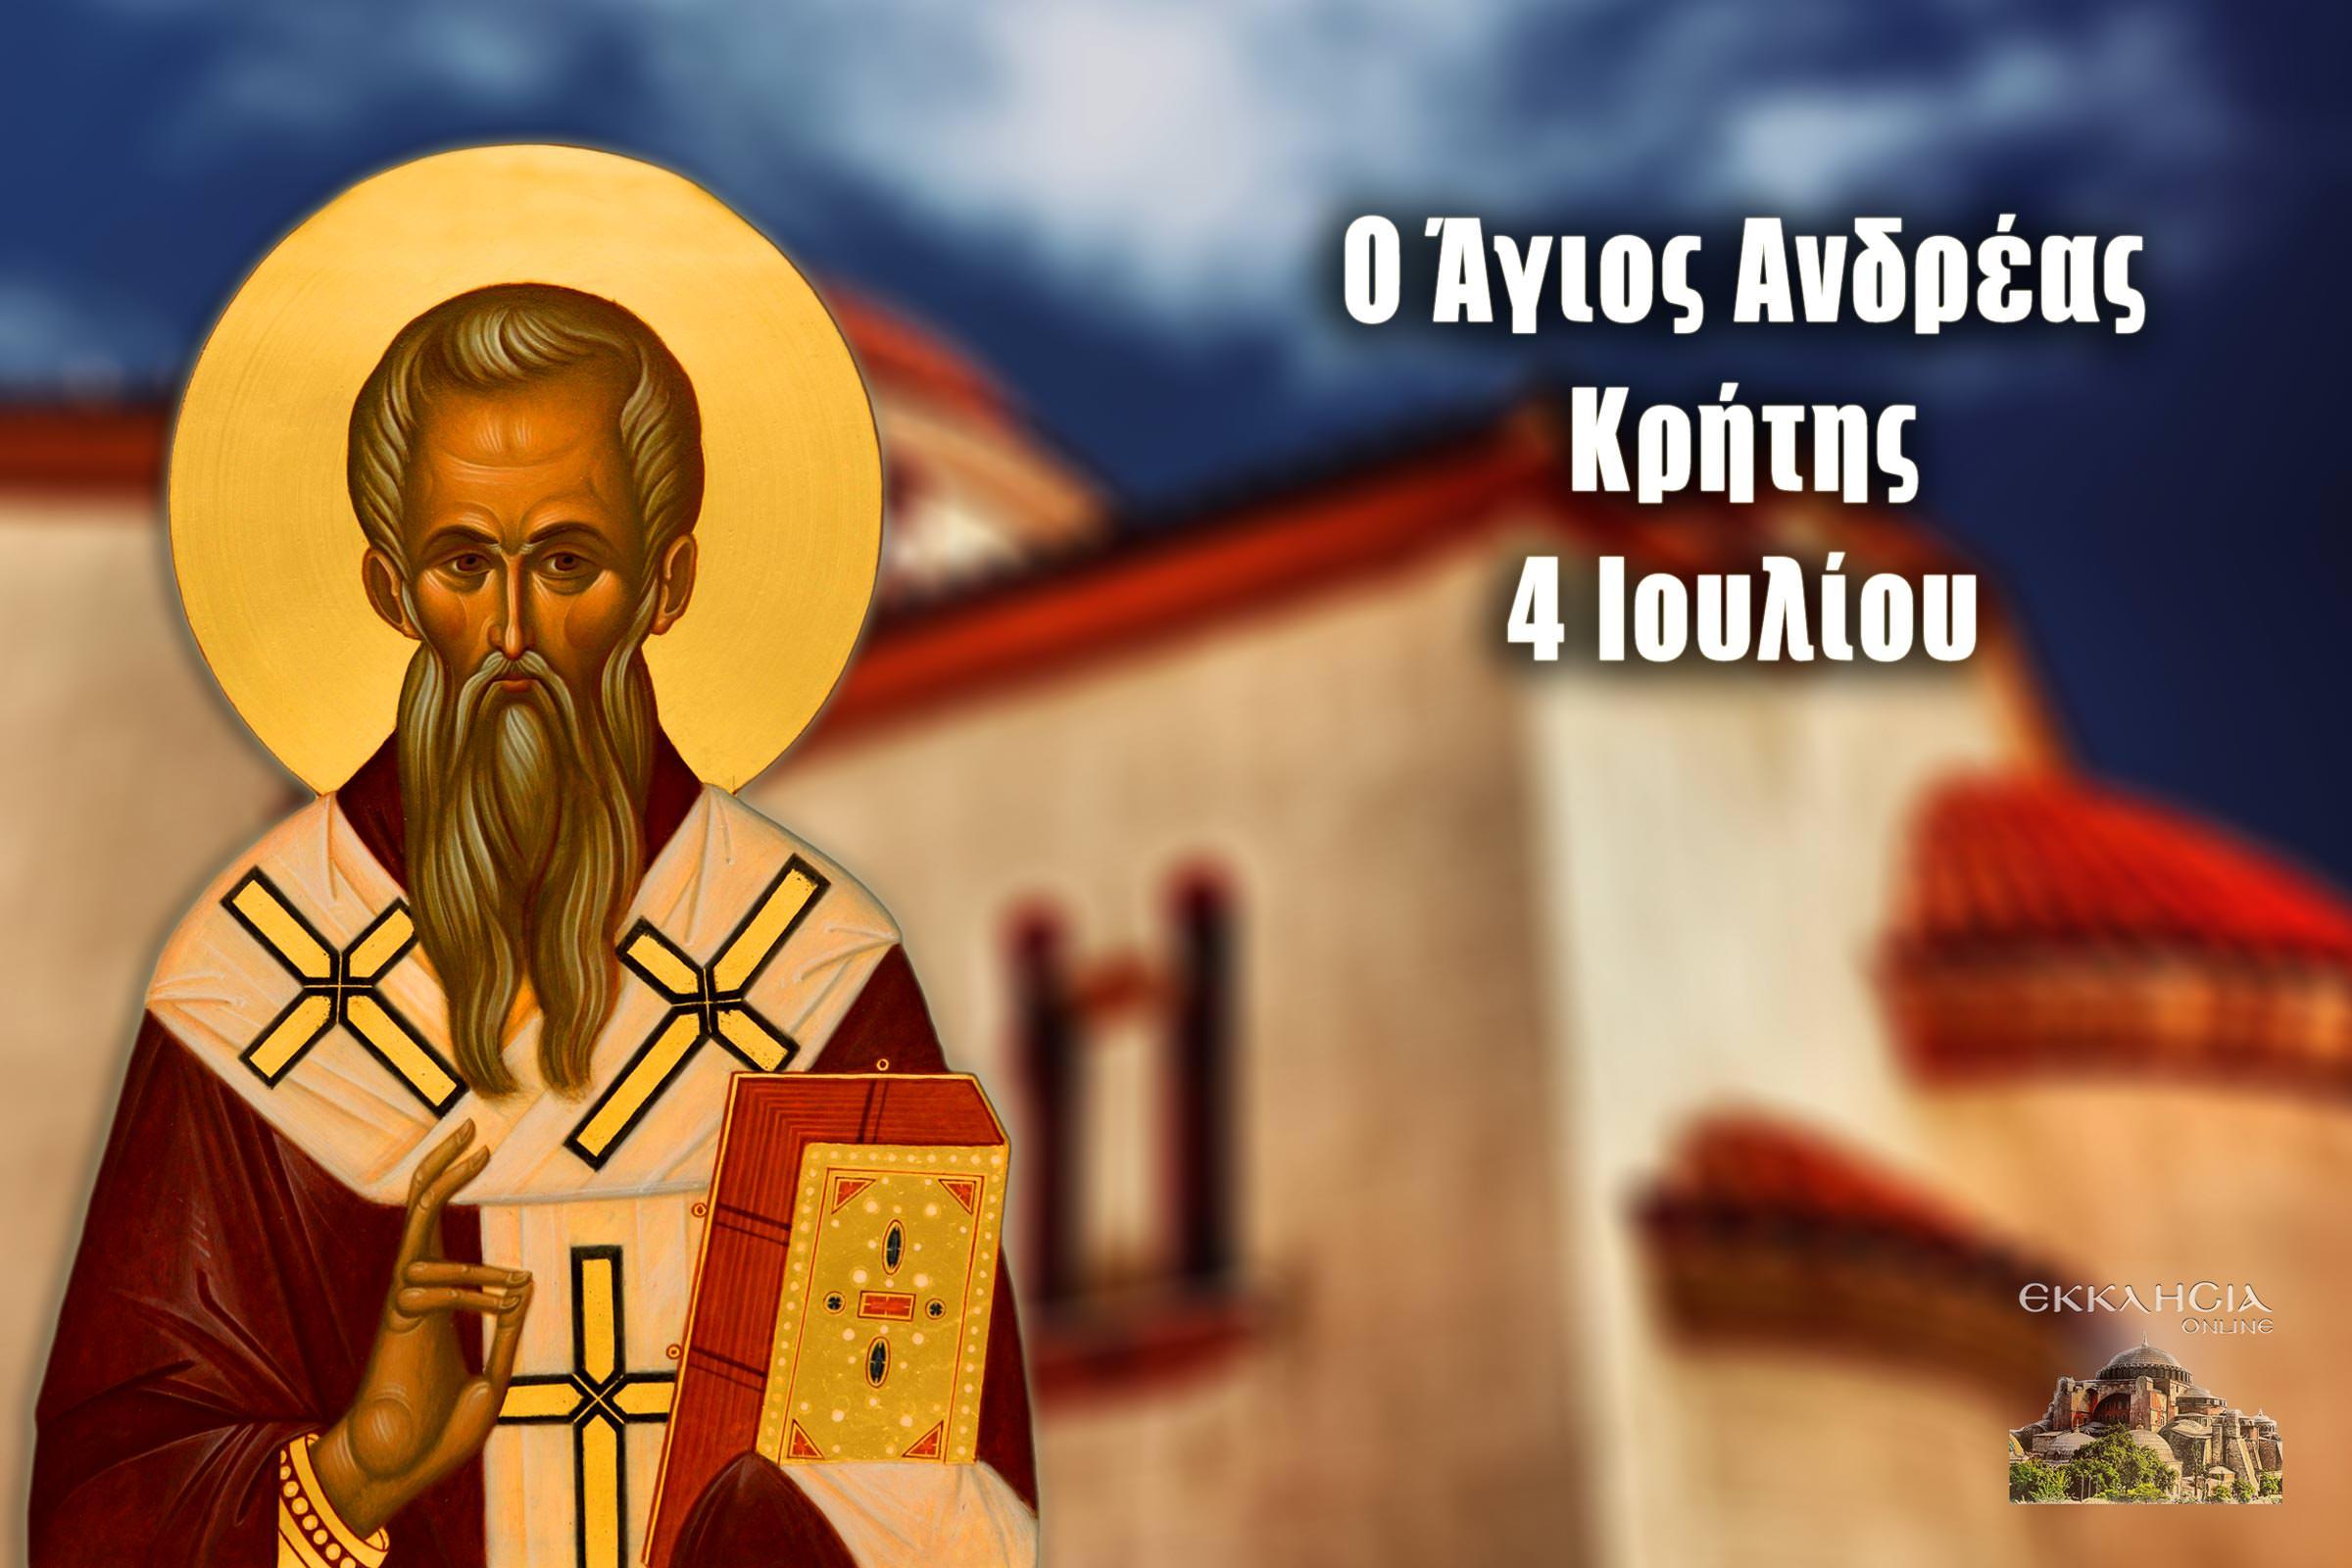 Άγιος Ανδρέας Κρήτης 4 Ιουλίου